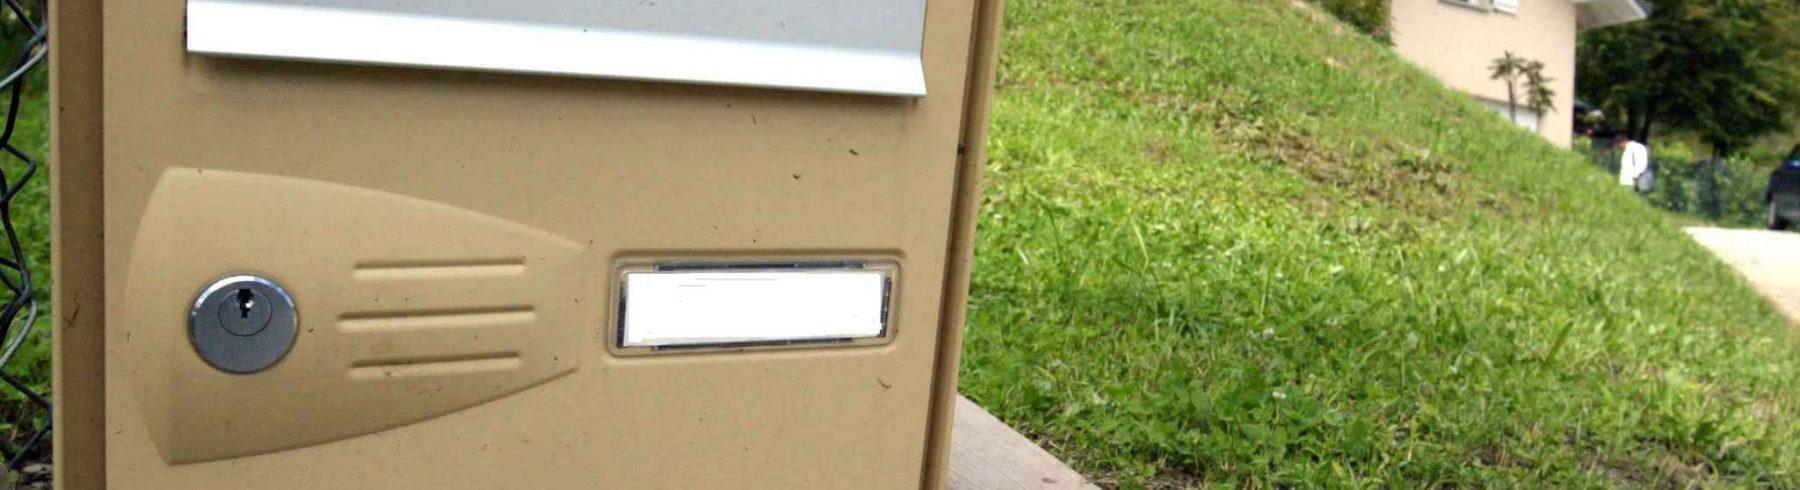 Plaque boite aux lettres : indispensable pour les résidents